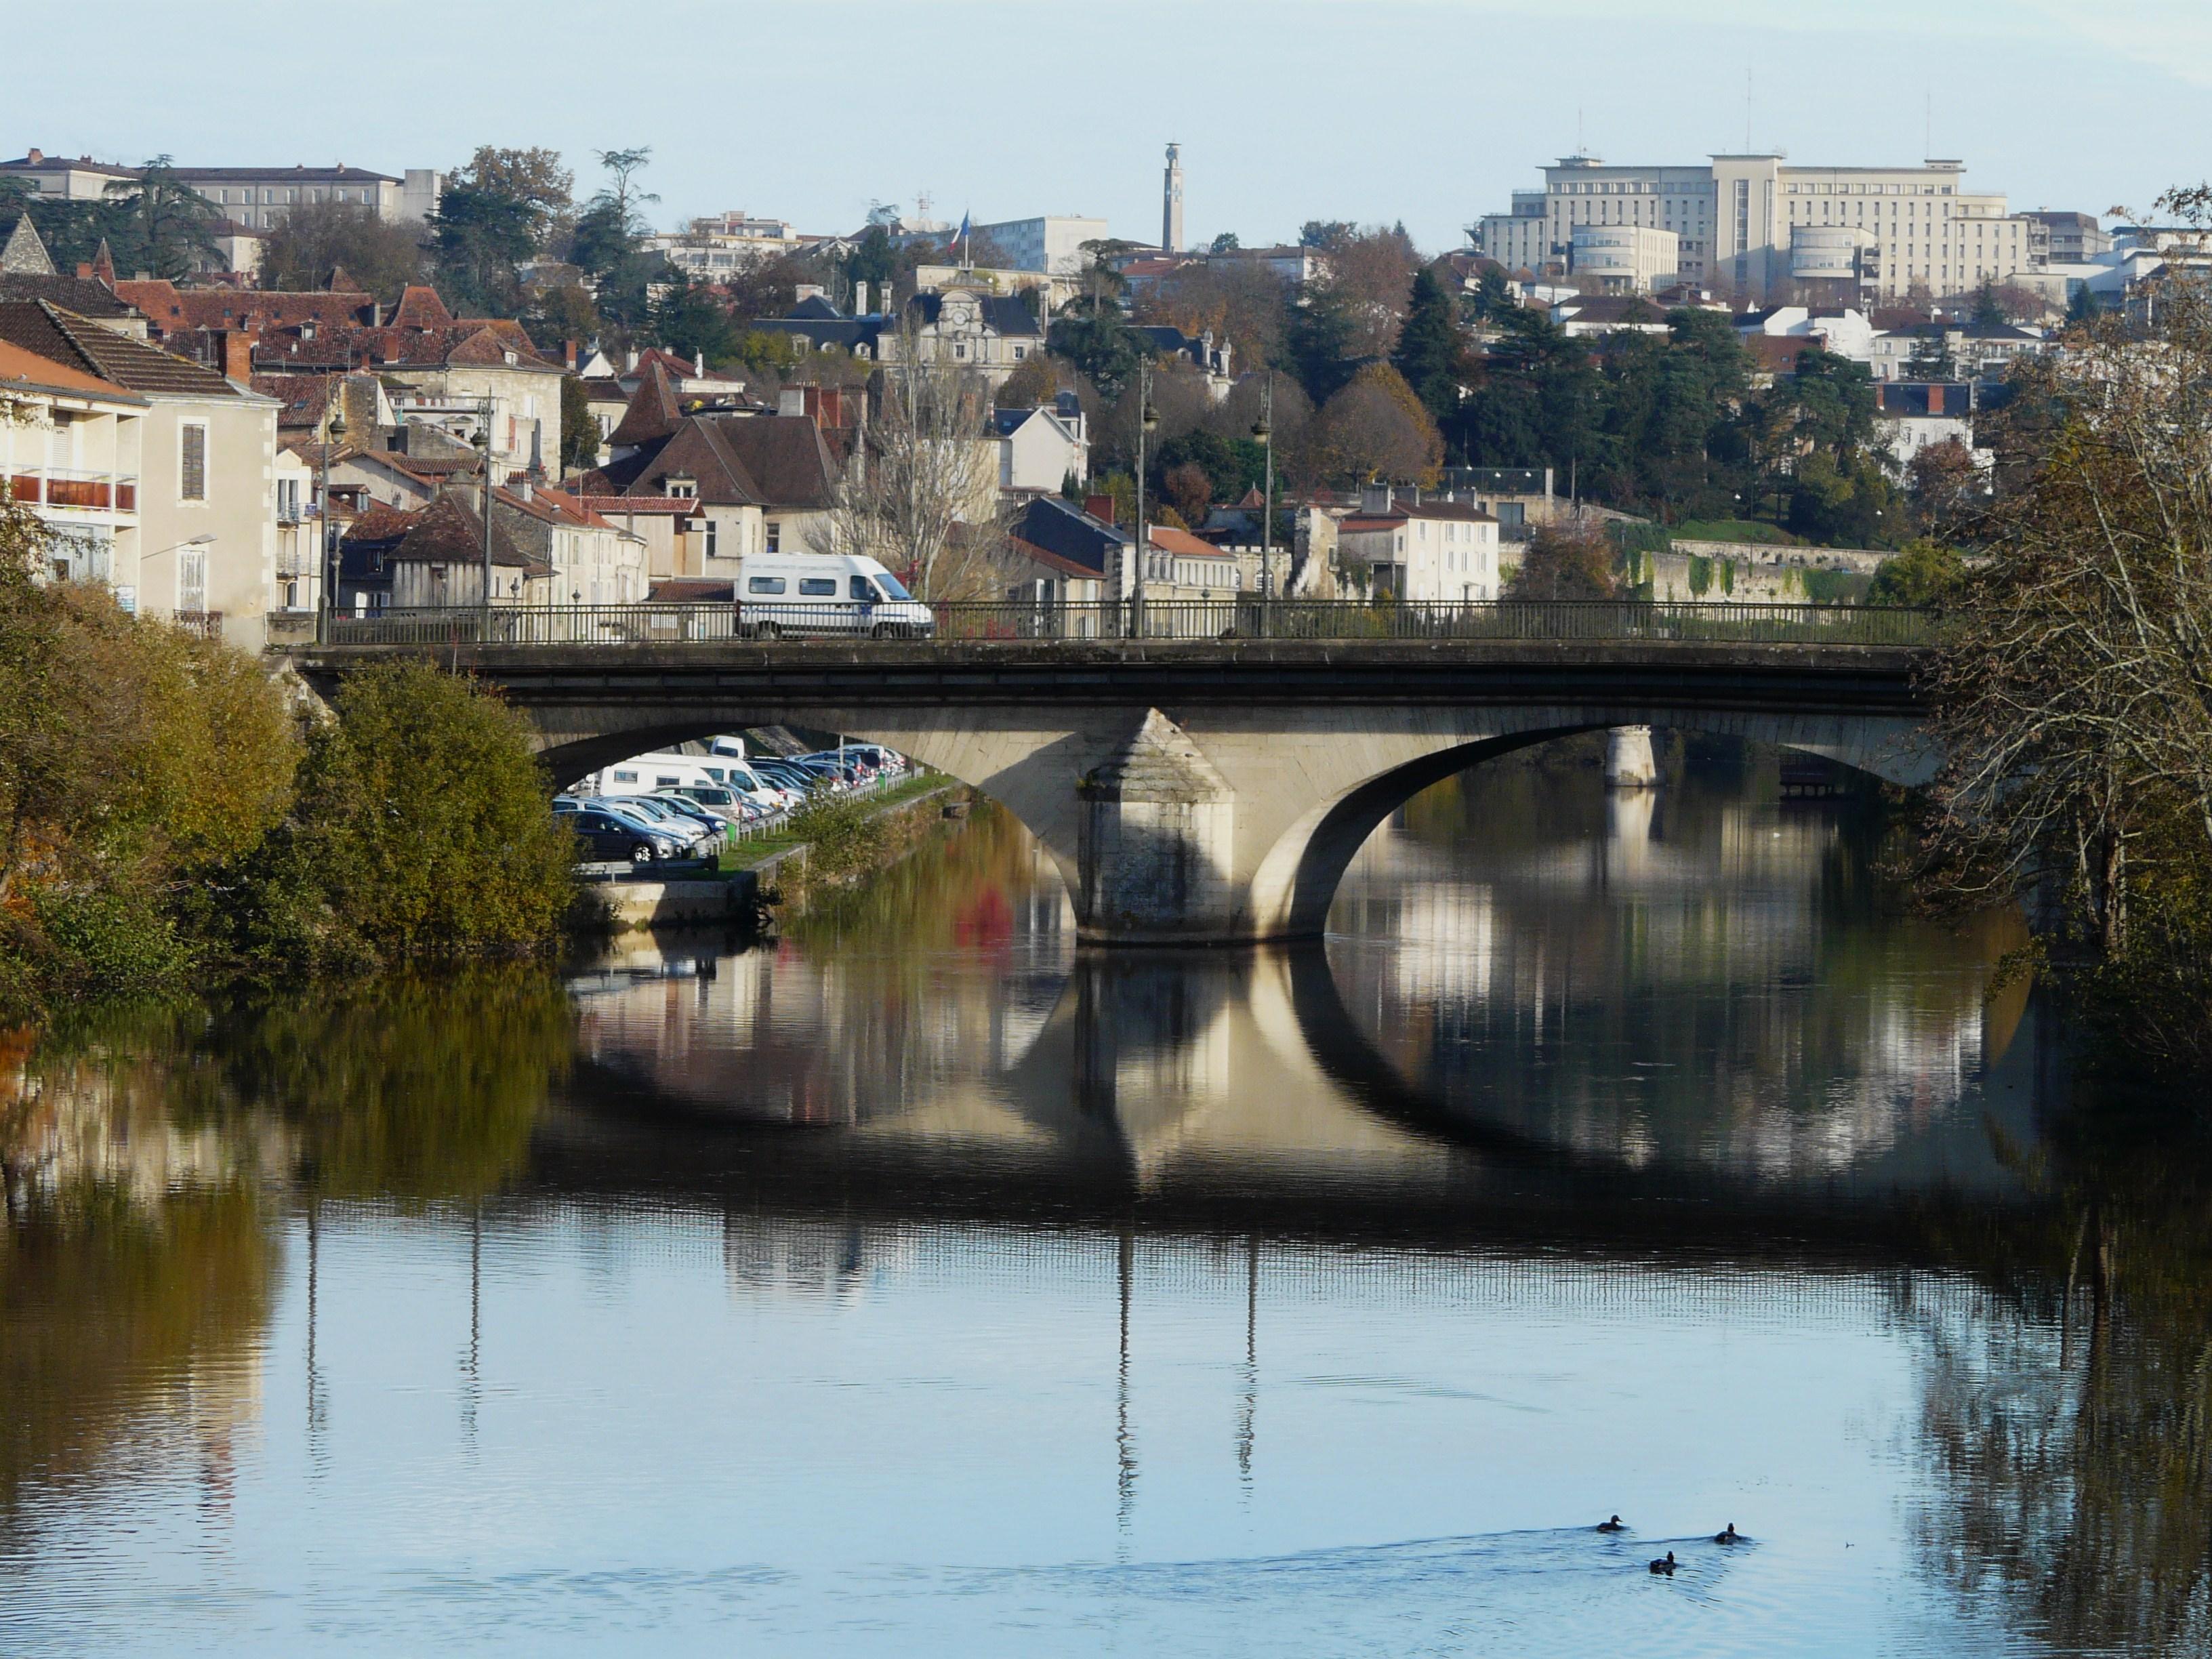 L'Isle et le pont Saint-Georges vus depuis la passerelle du Centre de secours, Périgueux, Dordogne, France. Au fond à droite, le centre hospitalier. Vía Père Igor